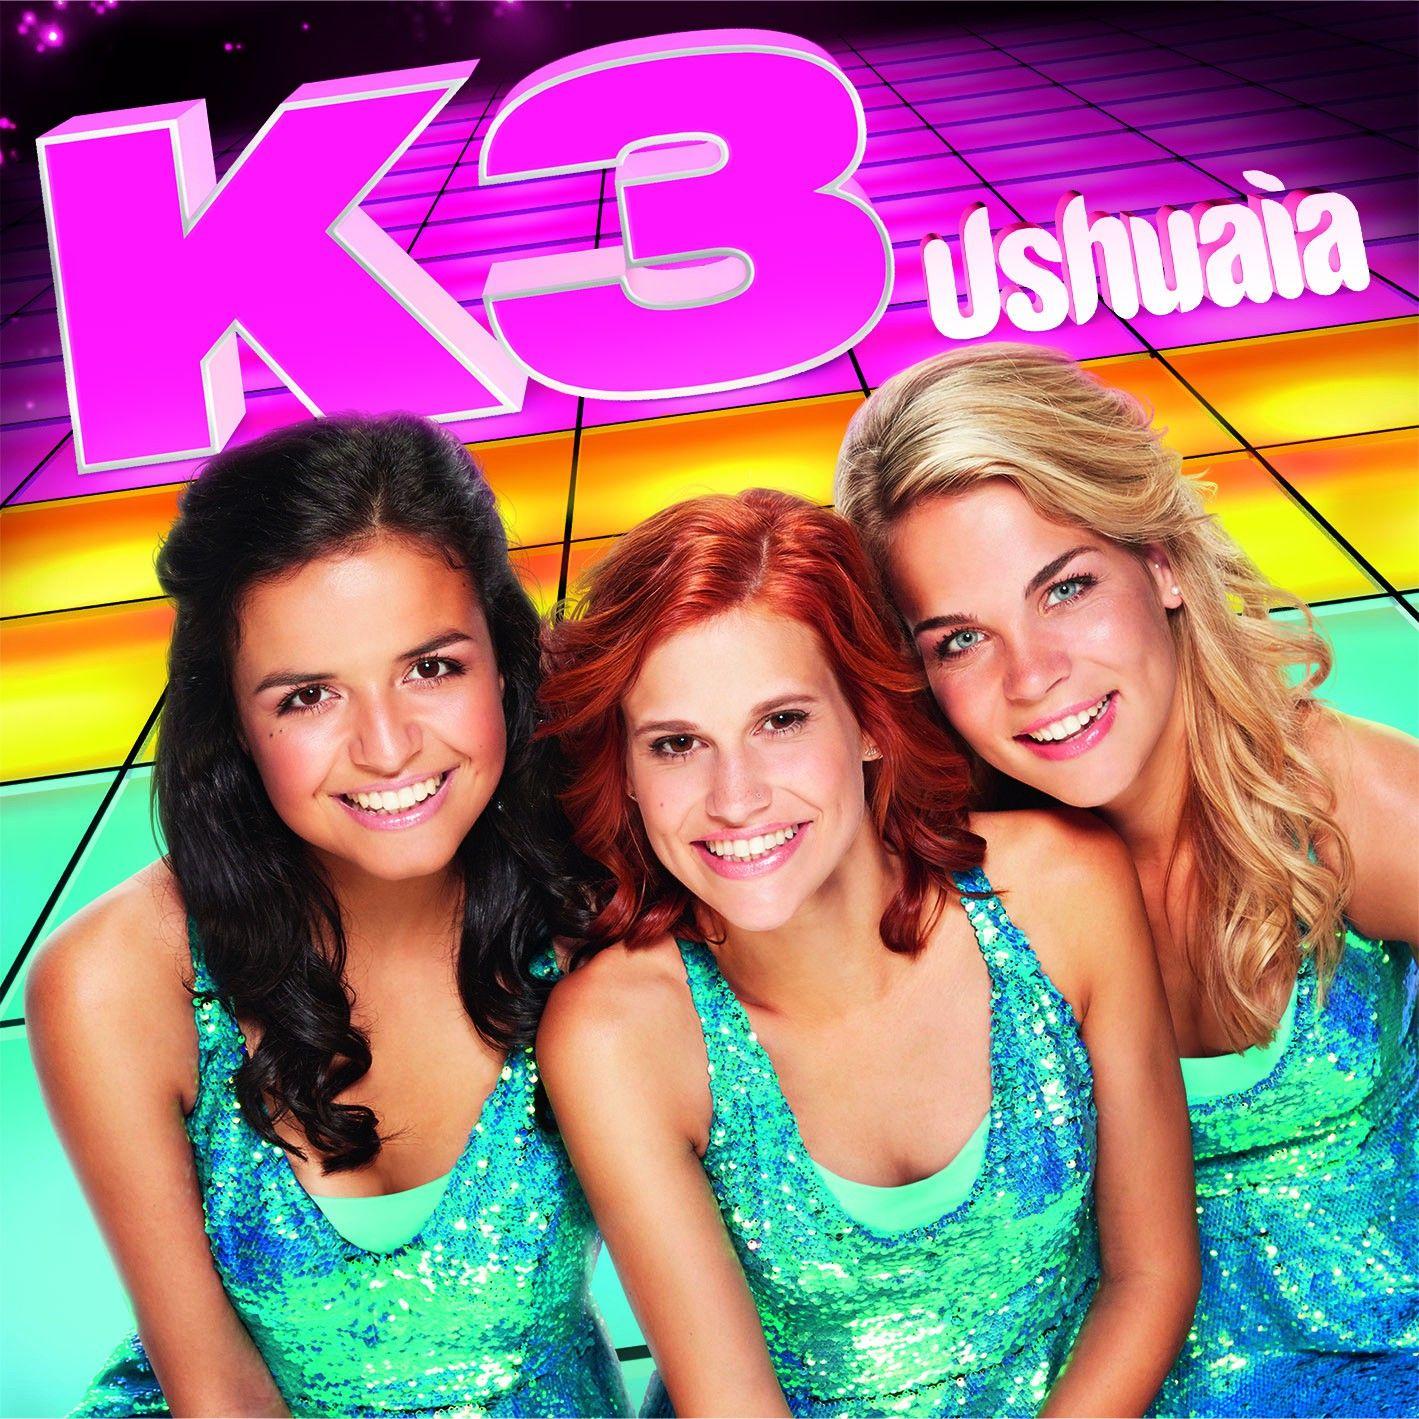 K3 - Ushuaia album cover